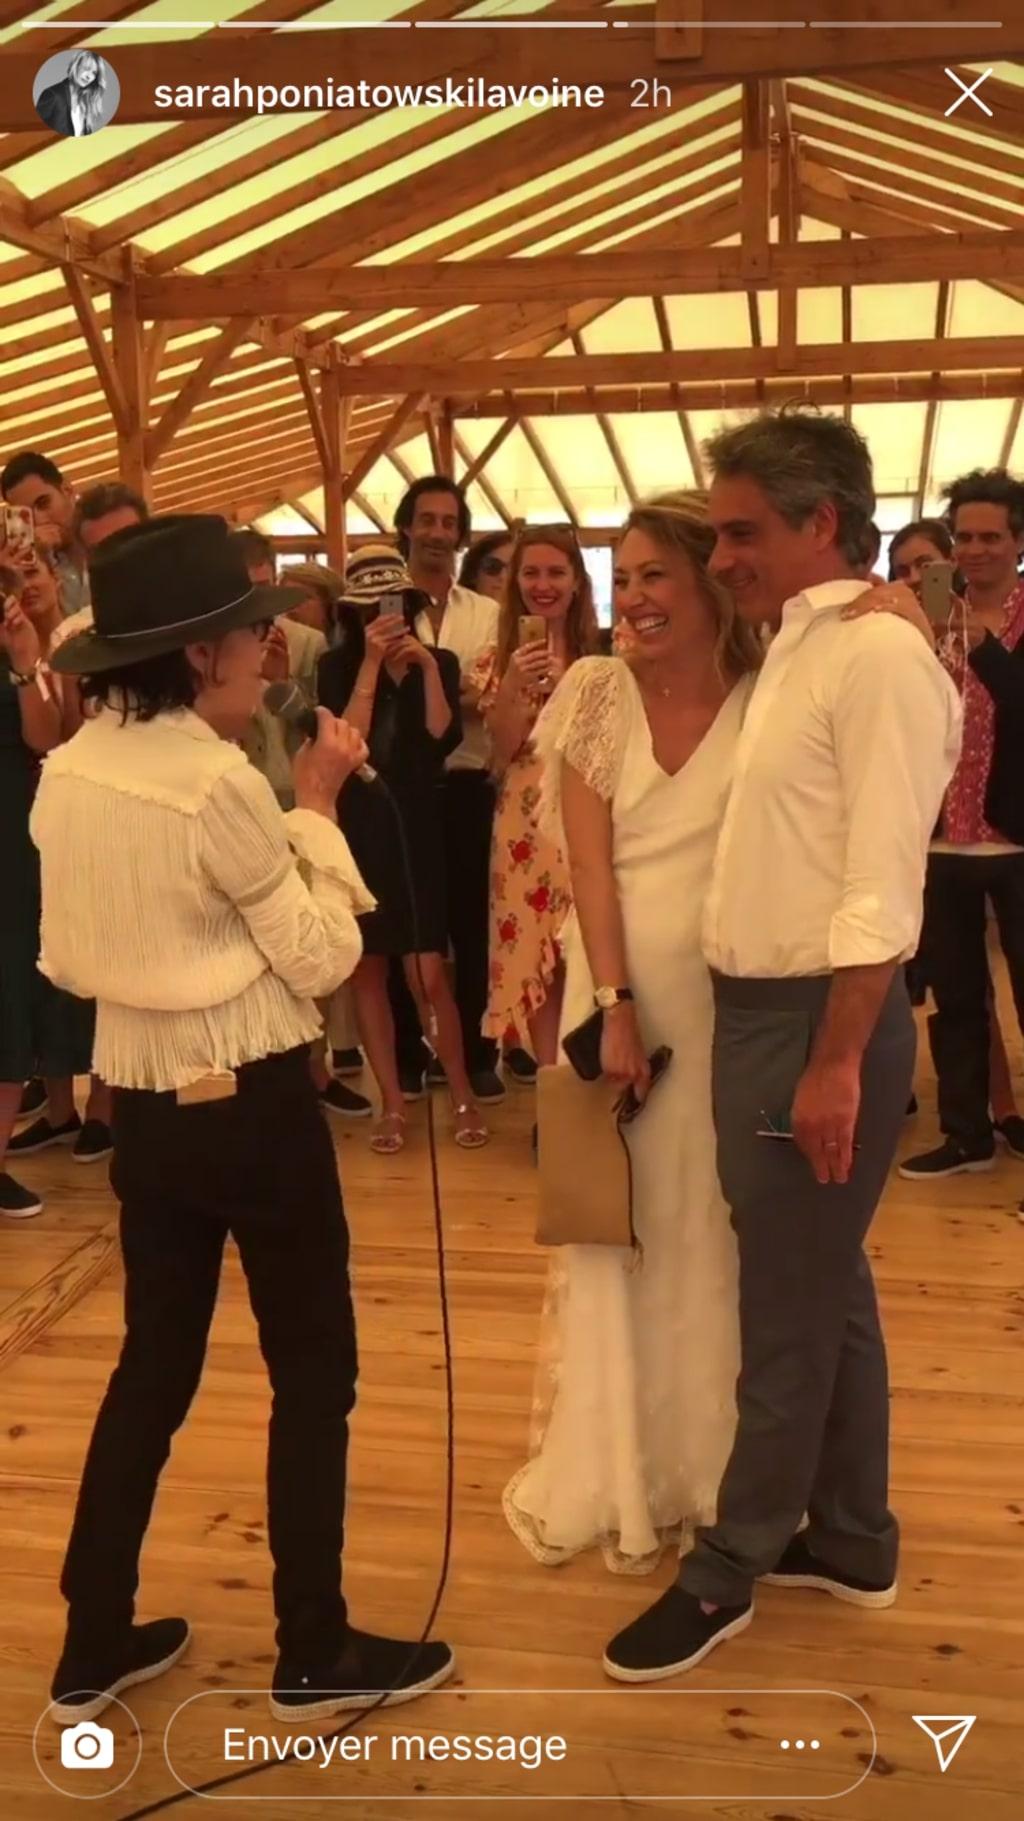 Mariage de Laura Smet et Raphaël Lancrey-Javal : découvrez tous les clichés de la cérémonie